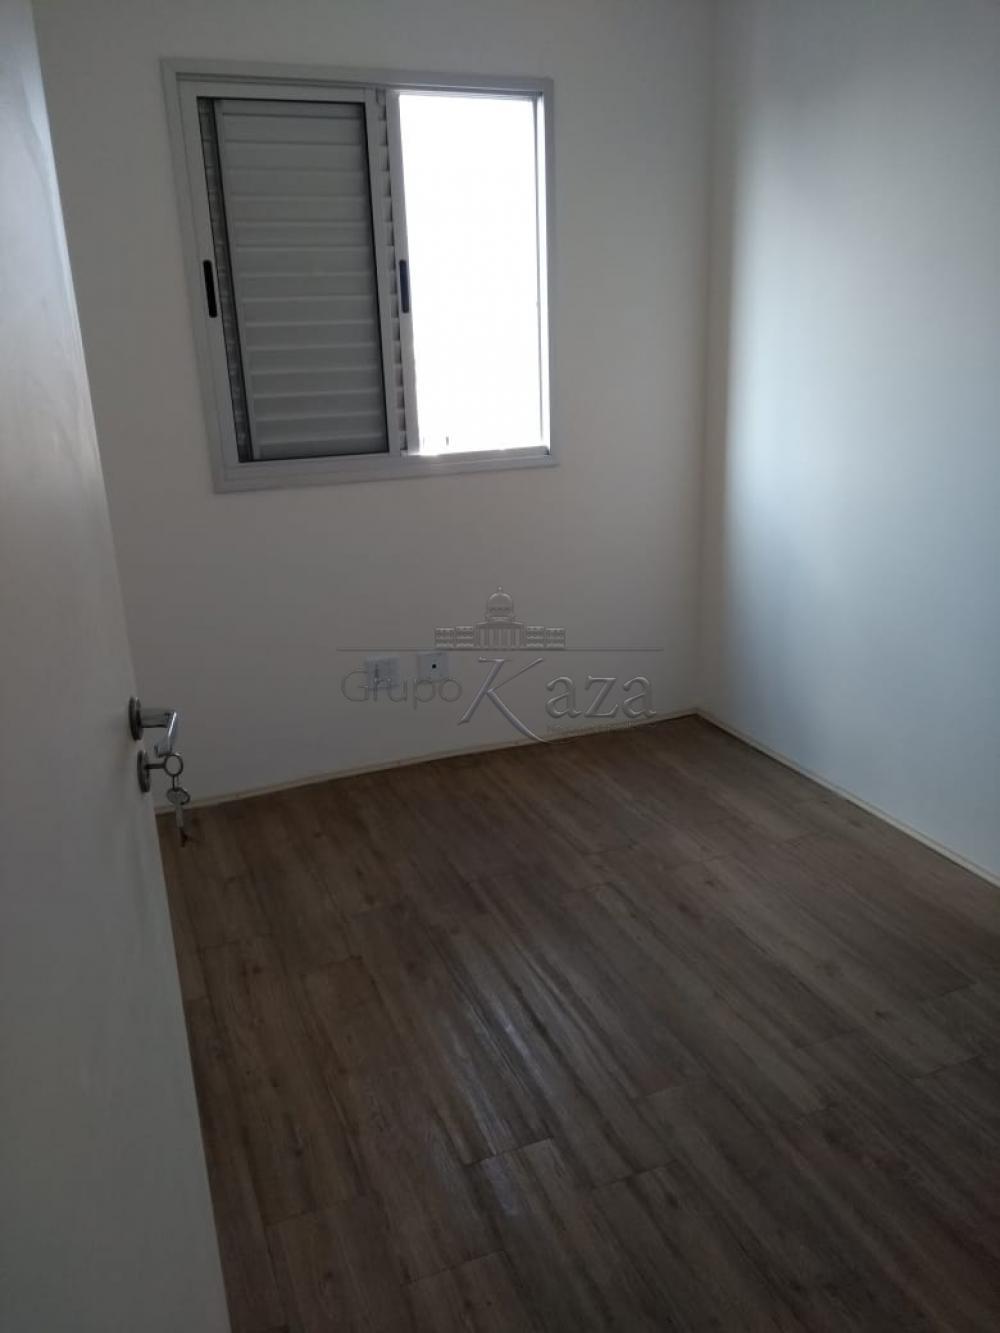 Comprar Apartamento / Padrão em São José dos Campos apenas R$ 295.000,00 - Foto 13